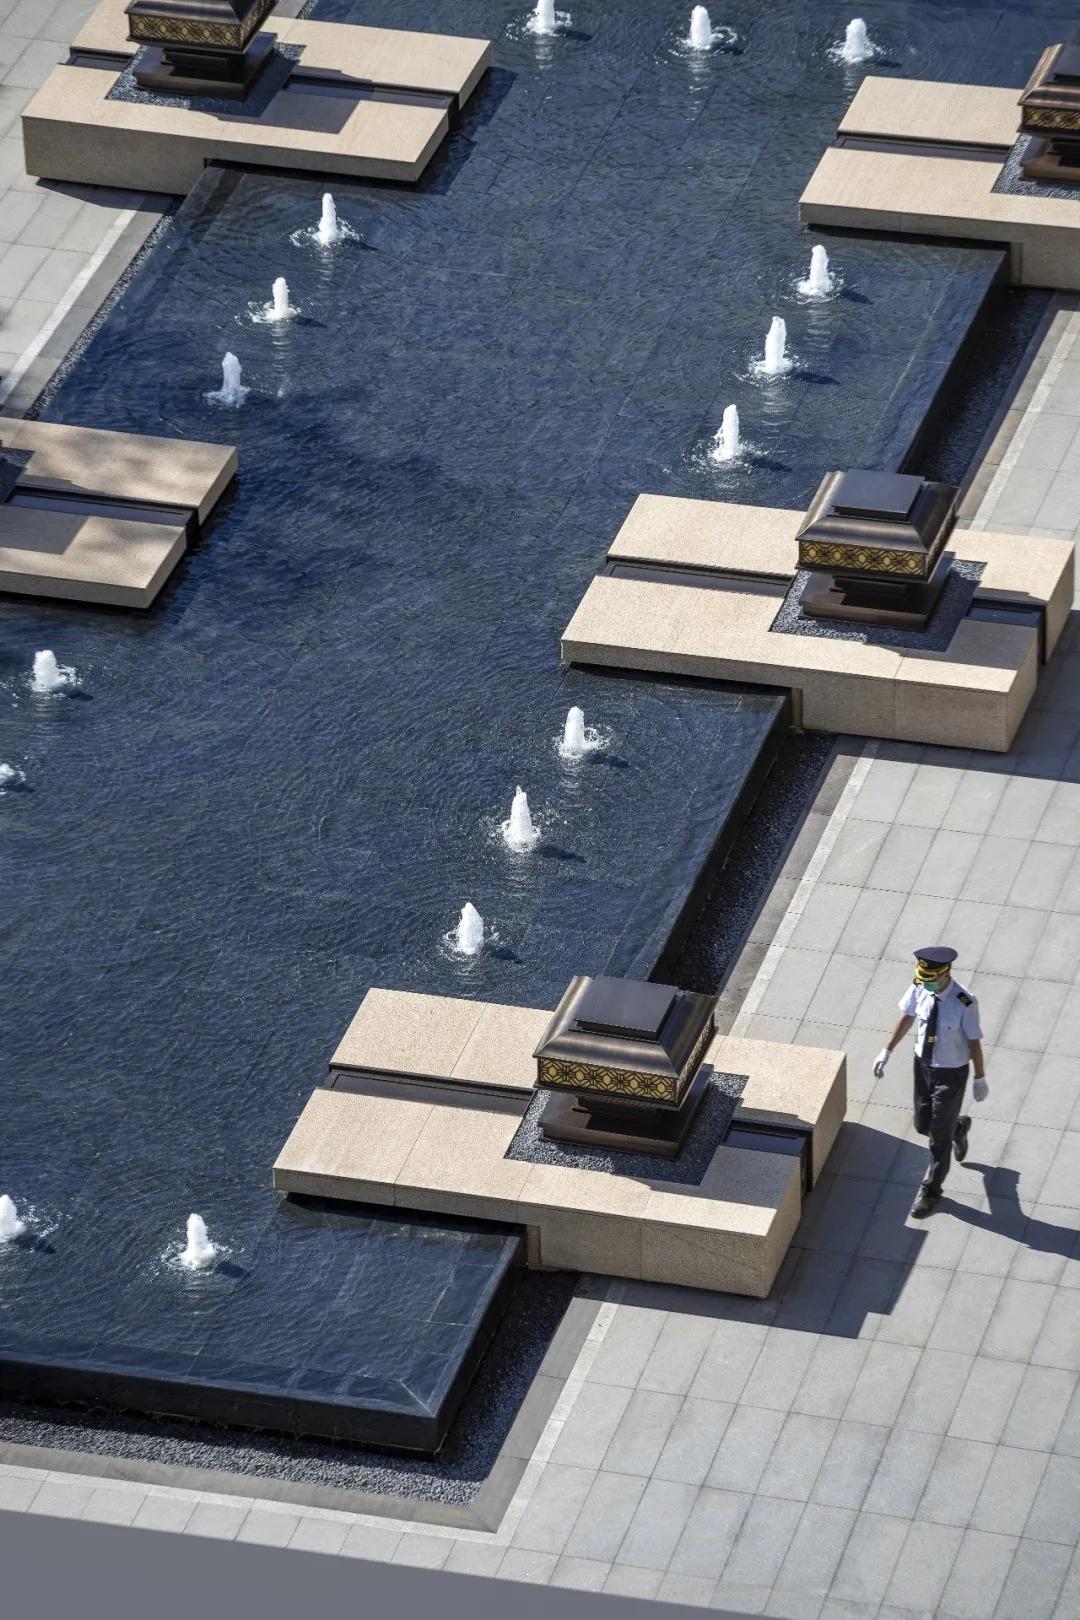 广元 邦泰•天誉西区 景观设计  /  AOBO澳博景观